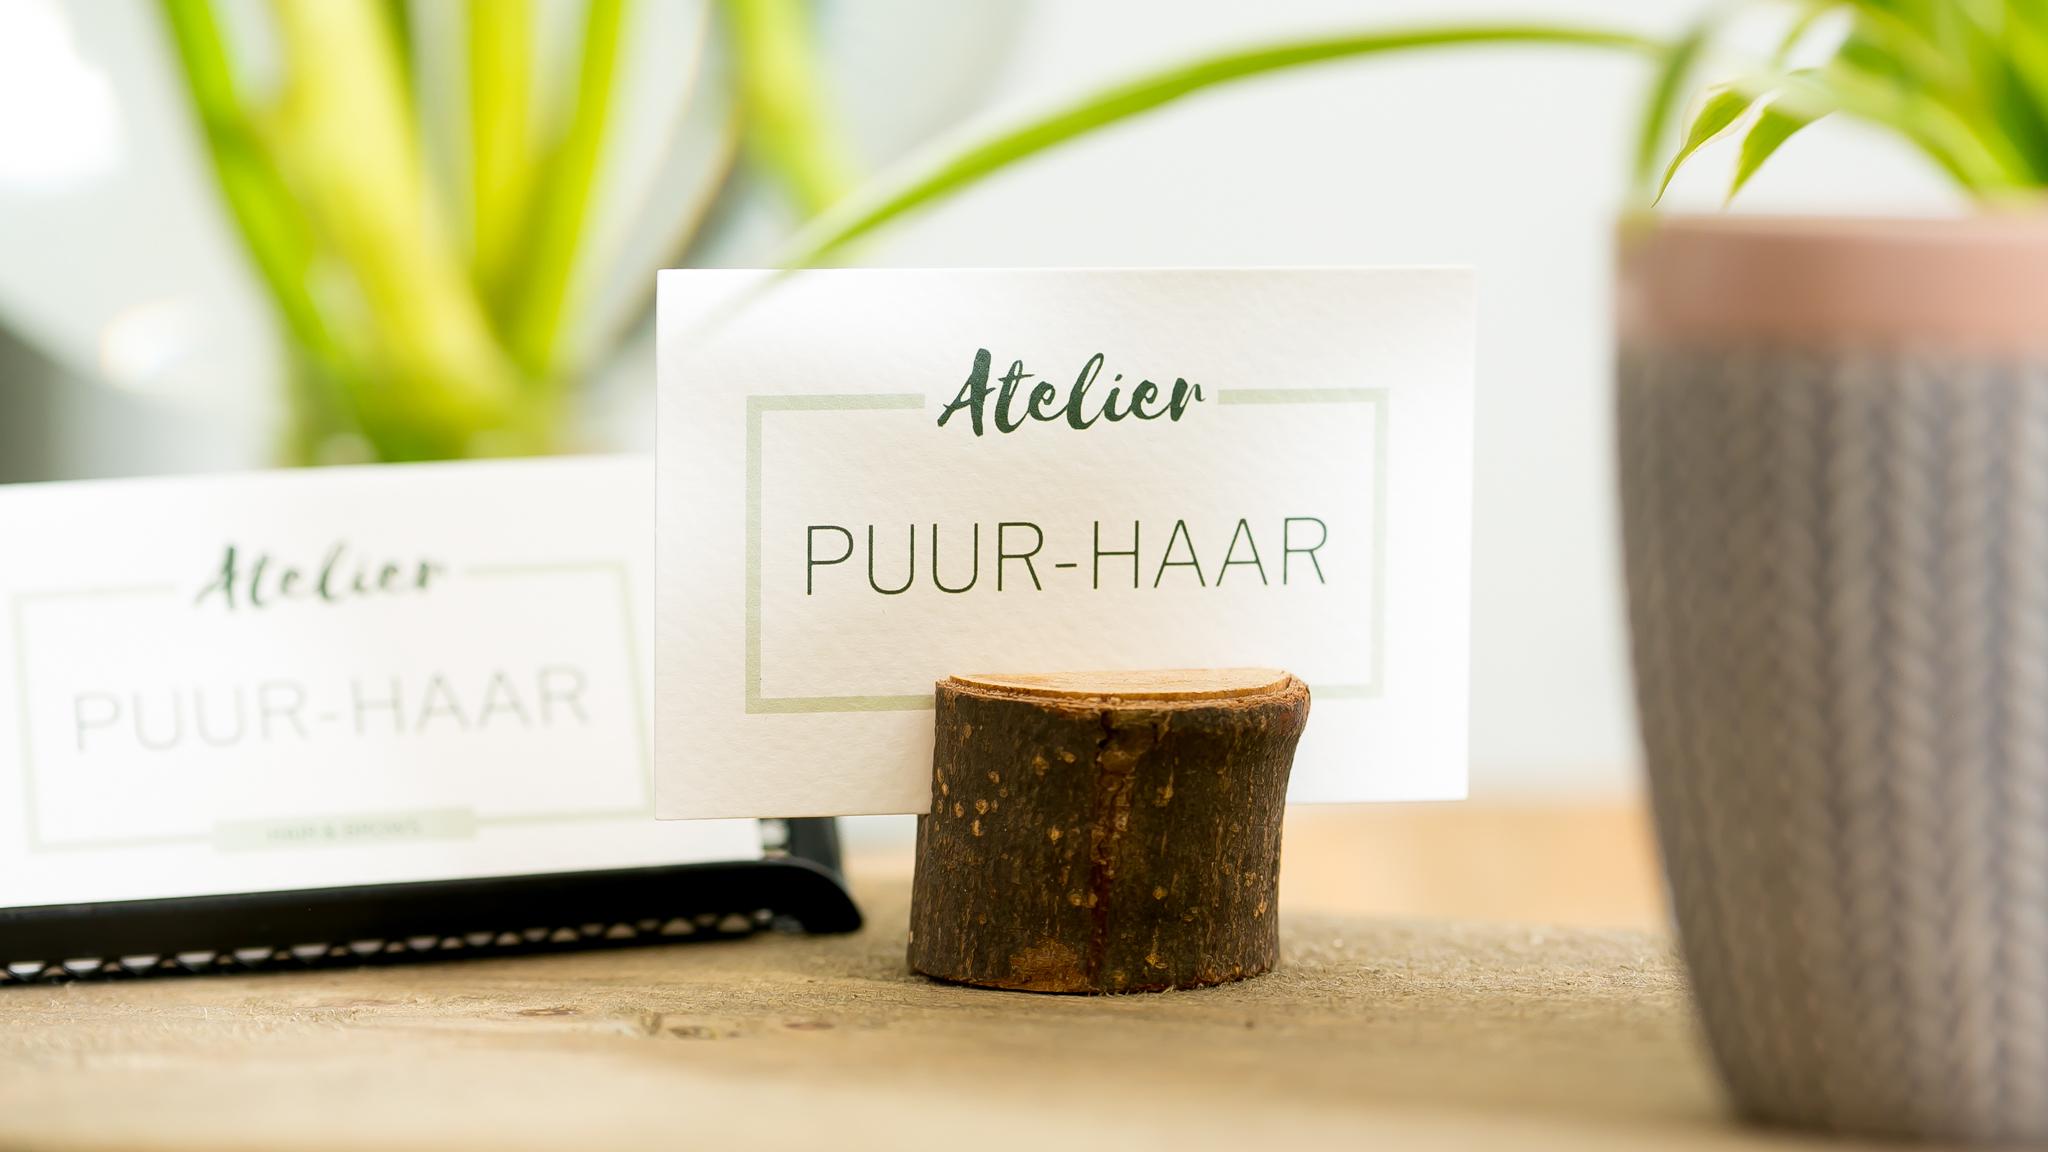 Duurzame kapsalon Alkmaar ecosalon